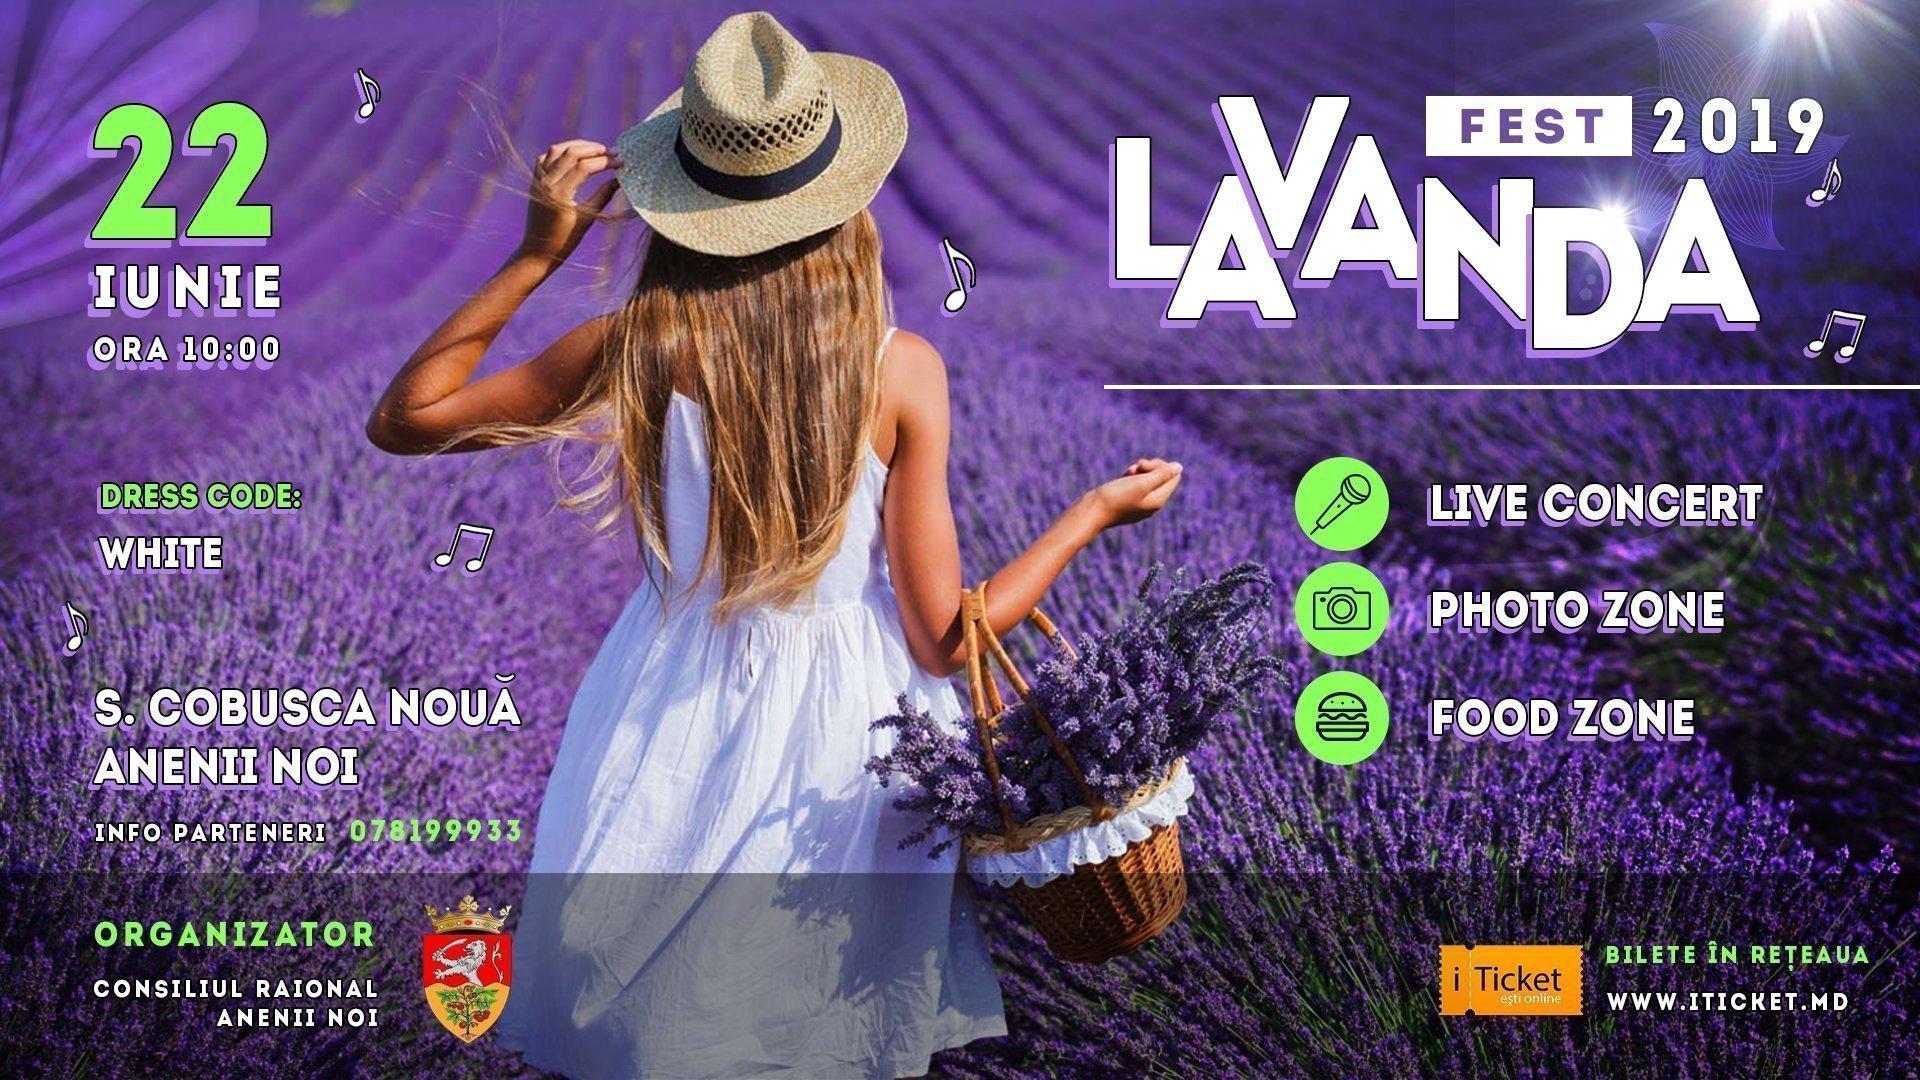 Lavanda Fest 2019